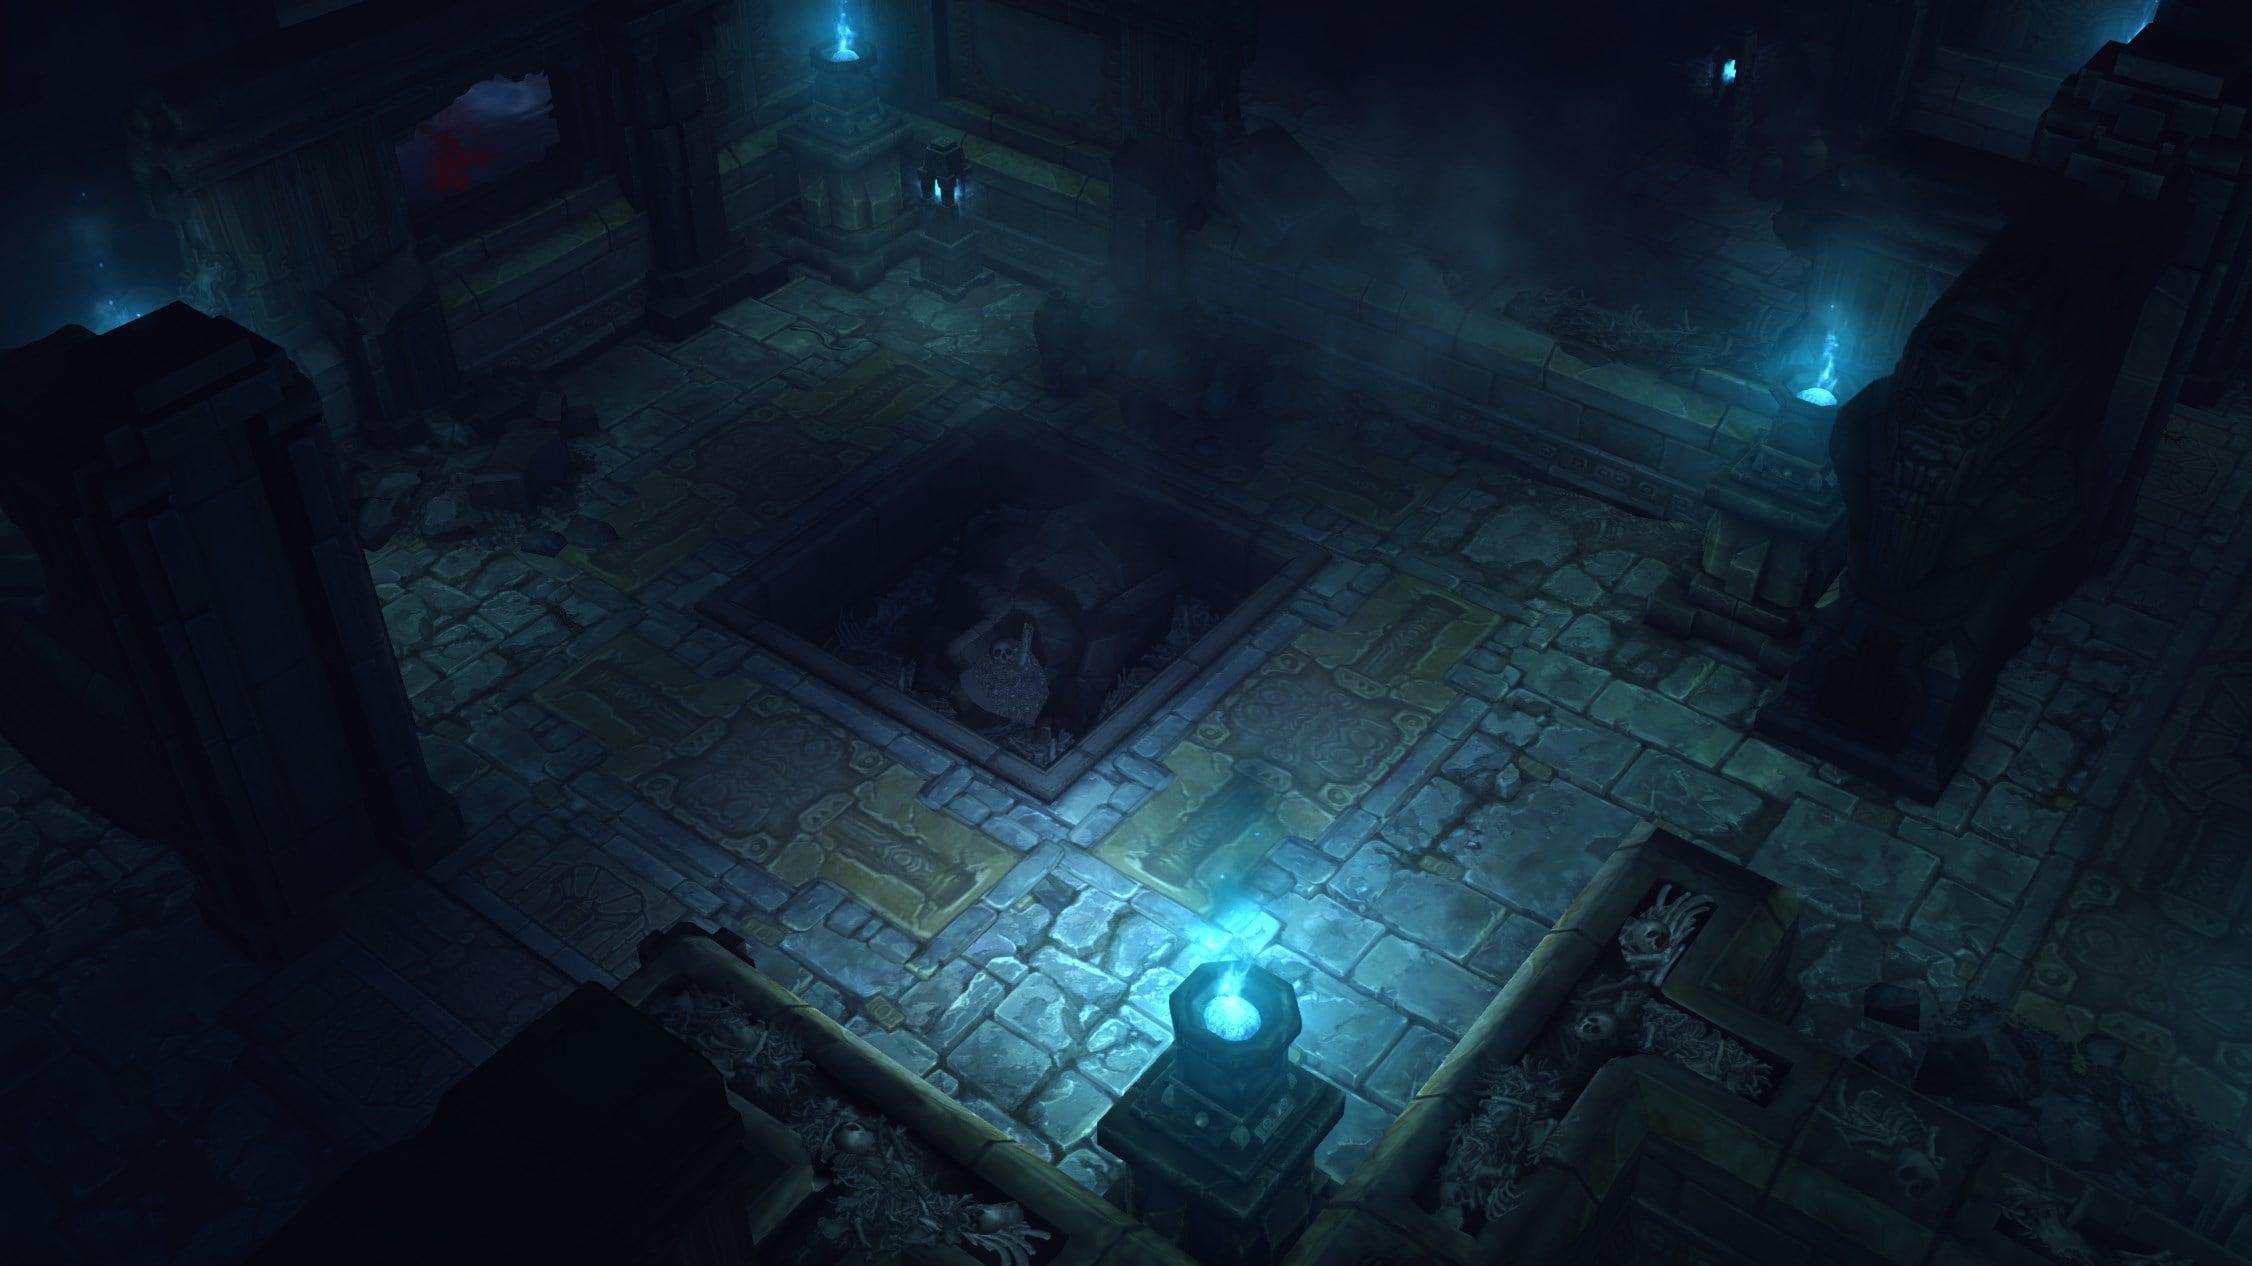 Diablo 3: Reaper of Souls – Collector's Edition (PC) - Battle.net Key - GLOBAL - 3